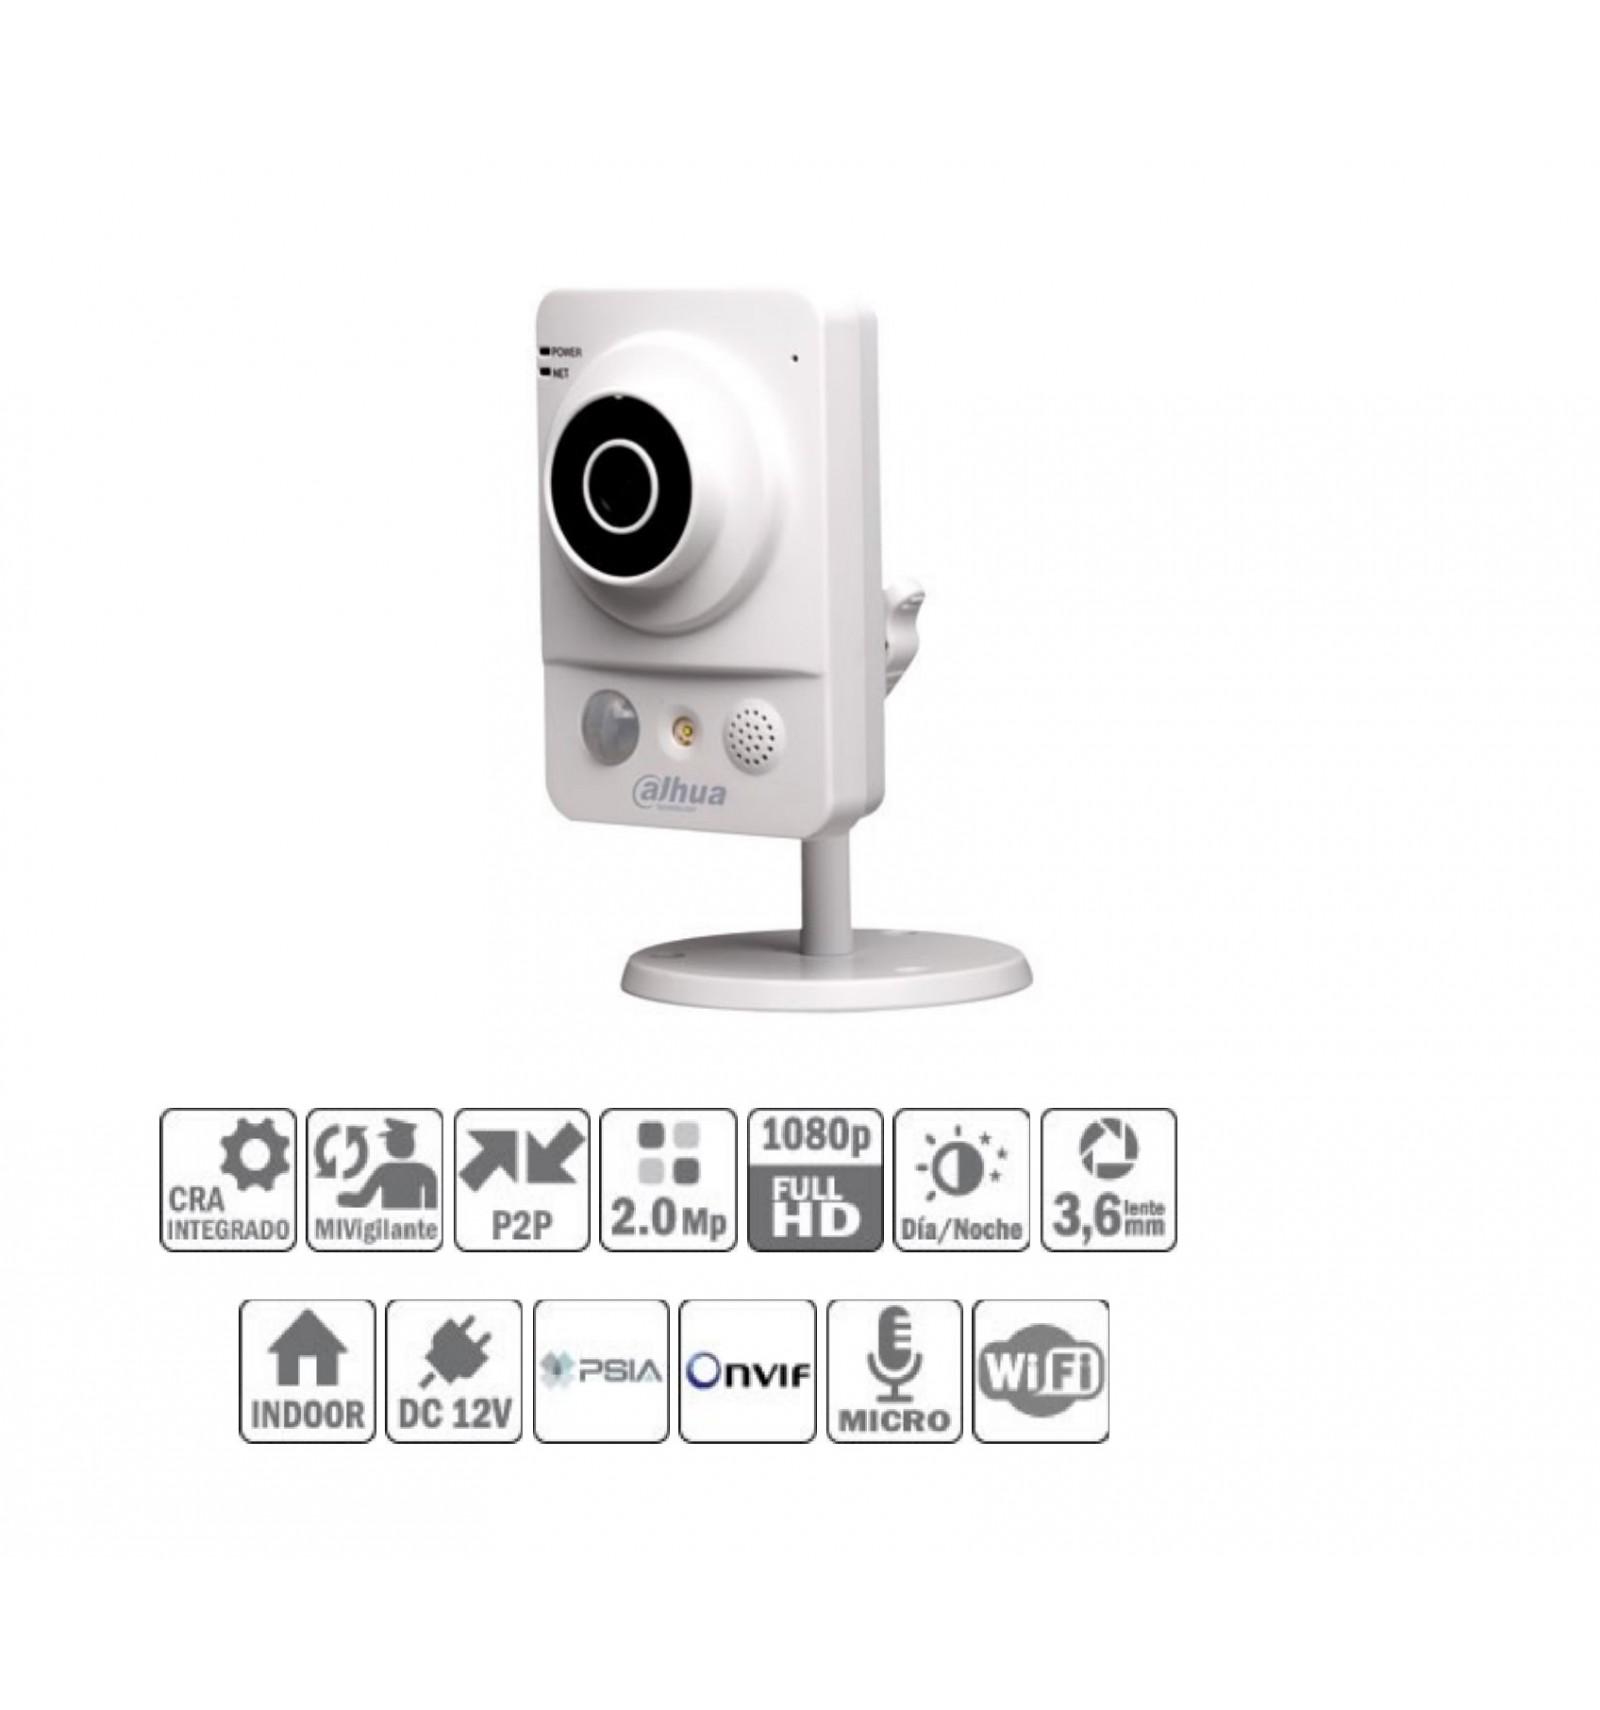 Camara de vigilancia ip wifi cubo con luz blanca y - Camara de vigilancia ip wifi ...